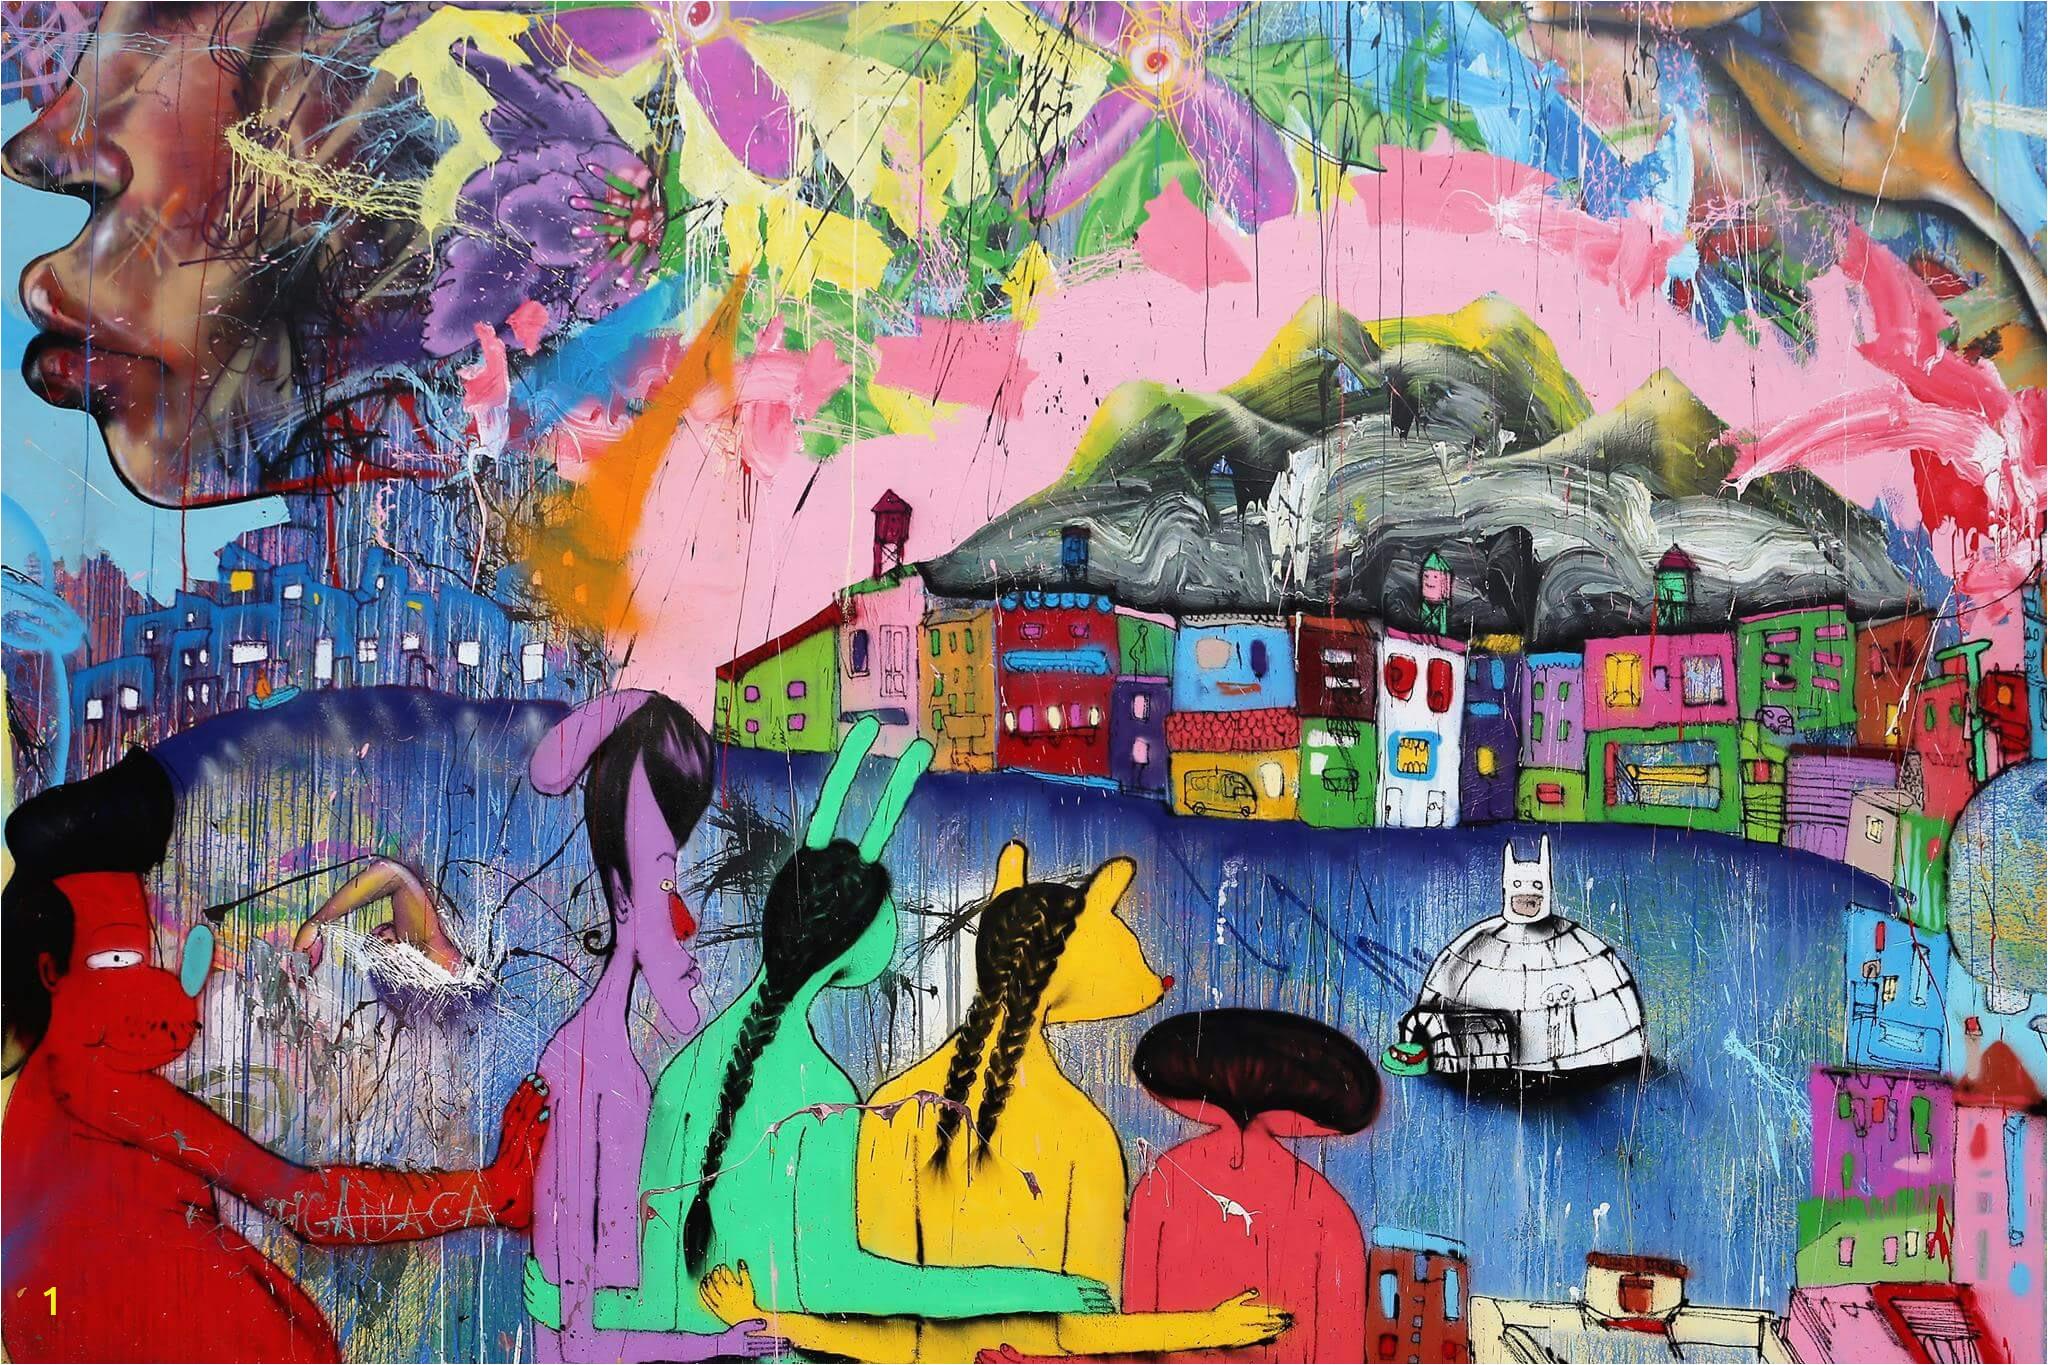 david choe graffiti street art bowery wall new york city photo credit just a spectator ben lau 11